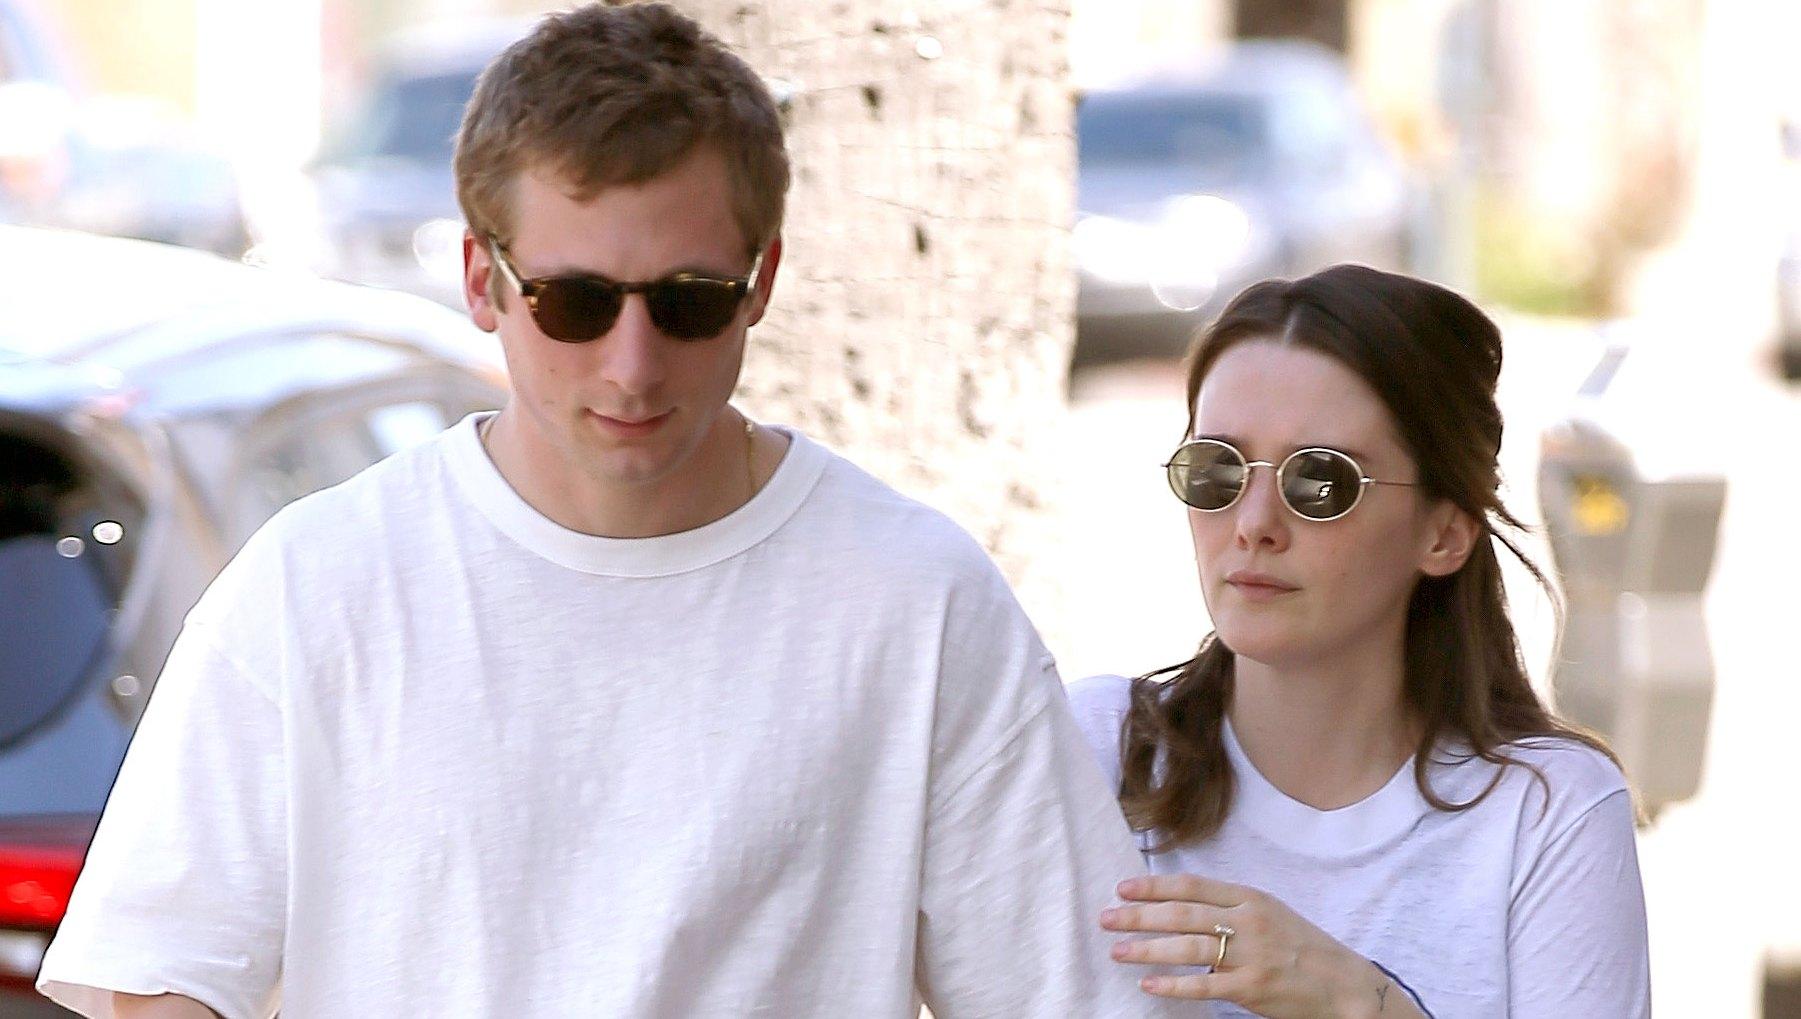 'Shameless' star Jeremy Allen White Is Engaged to Girlfriend Addison Timlin